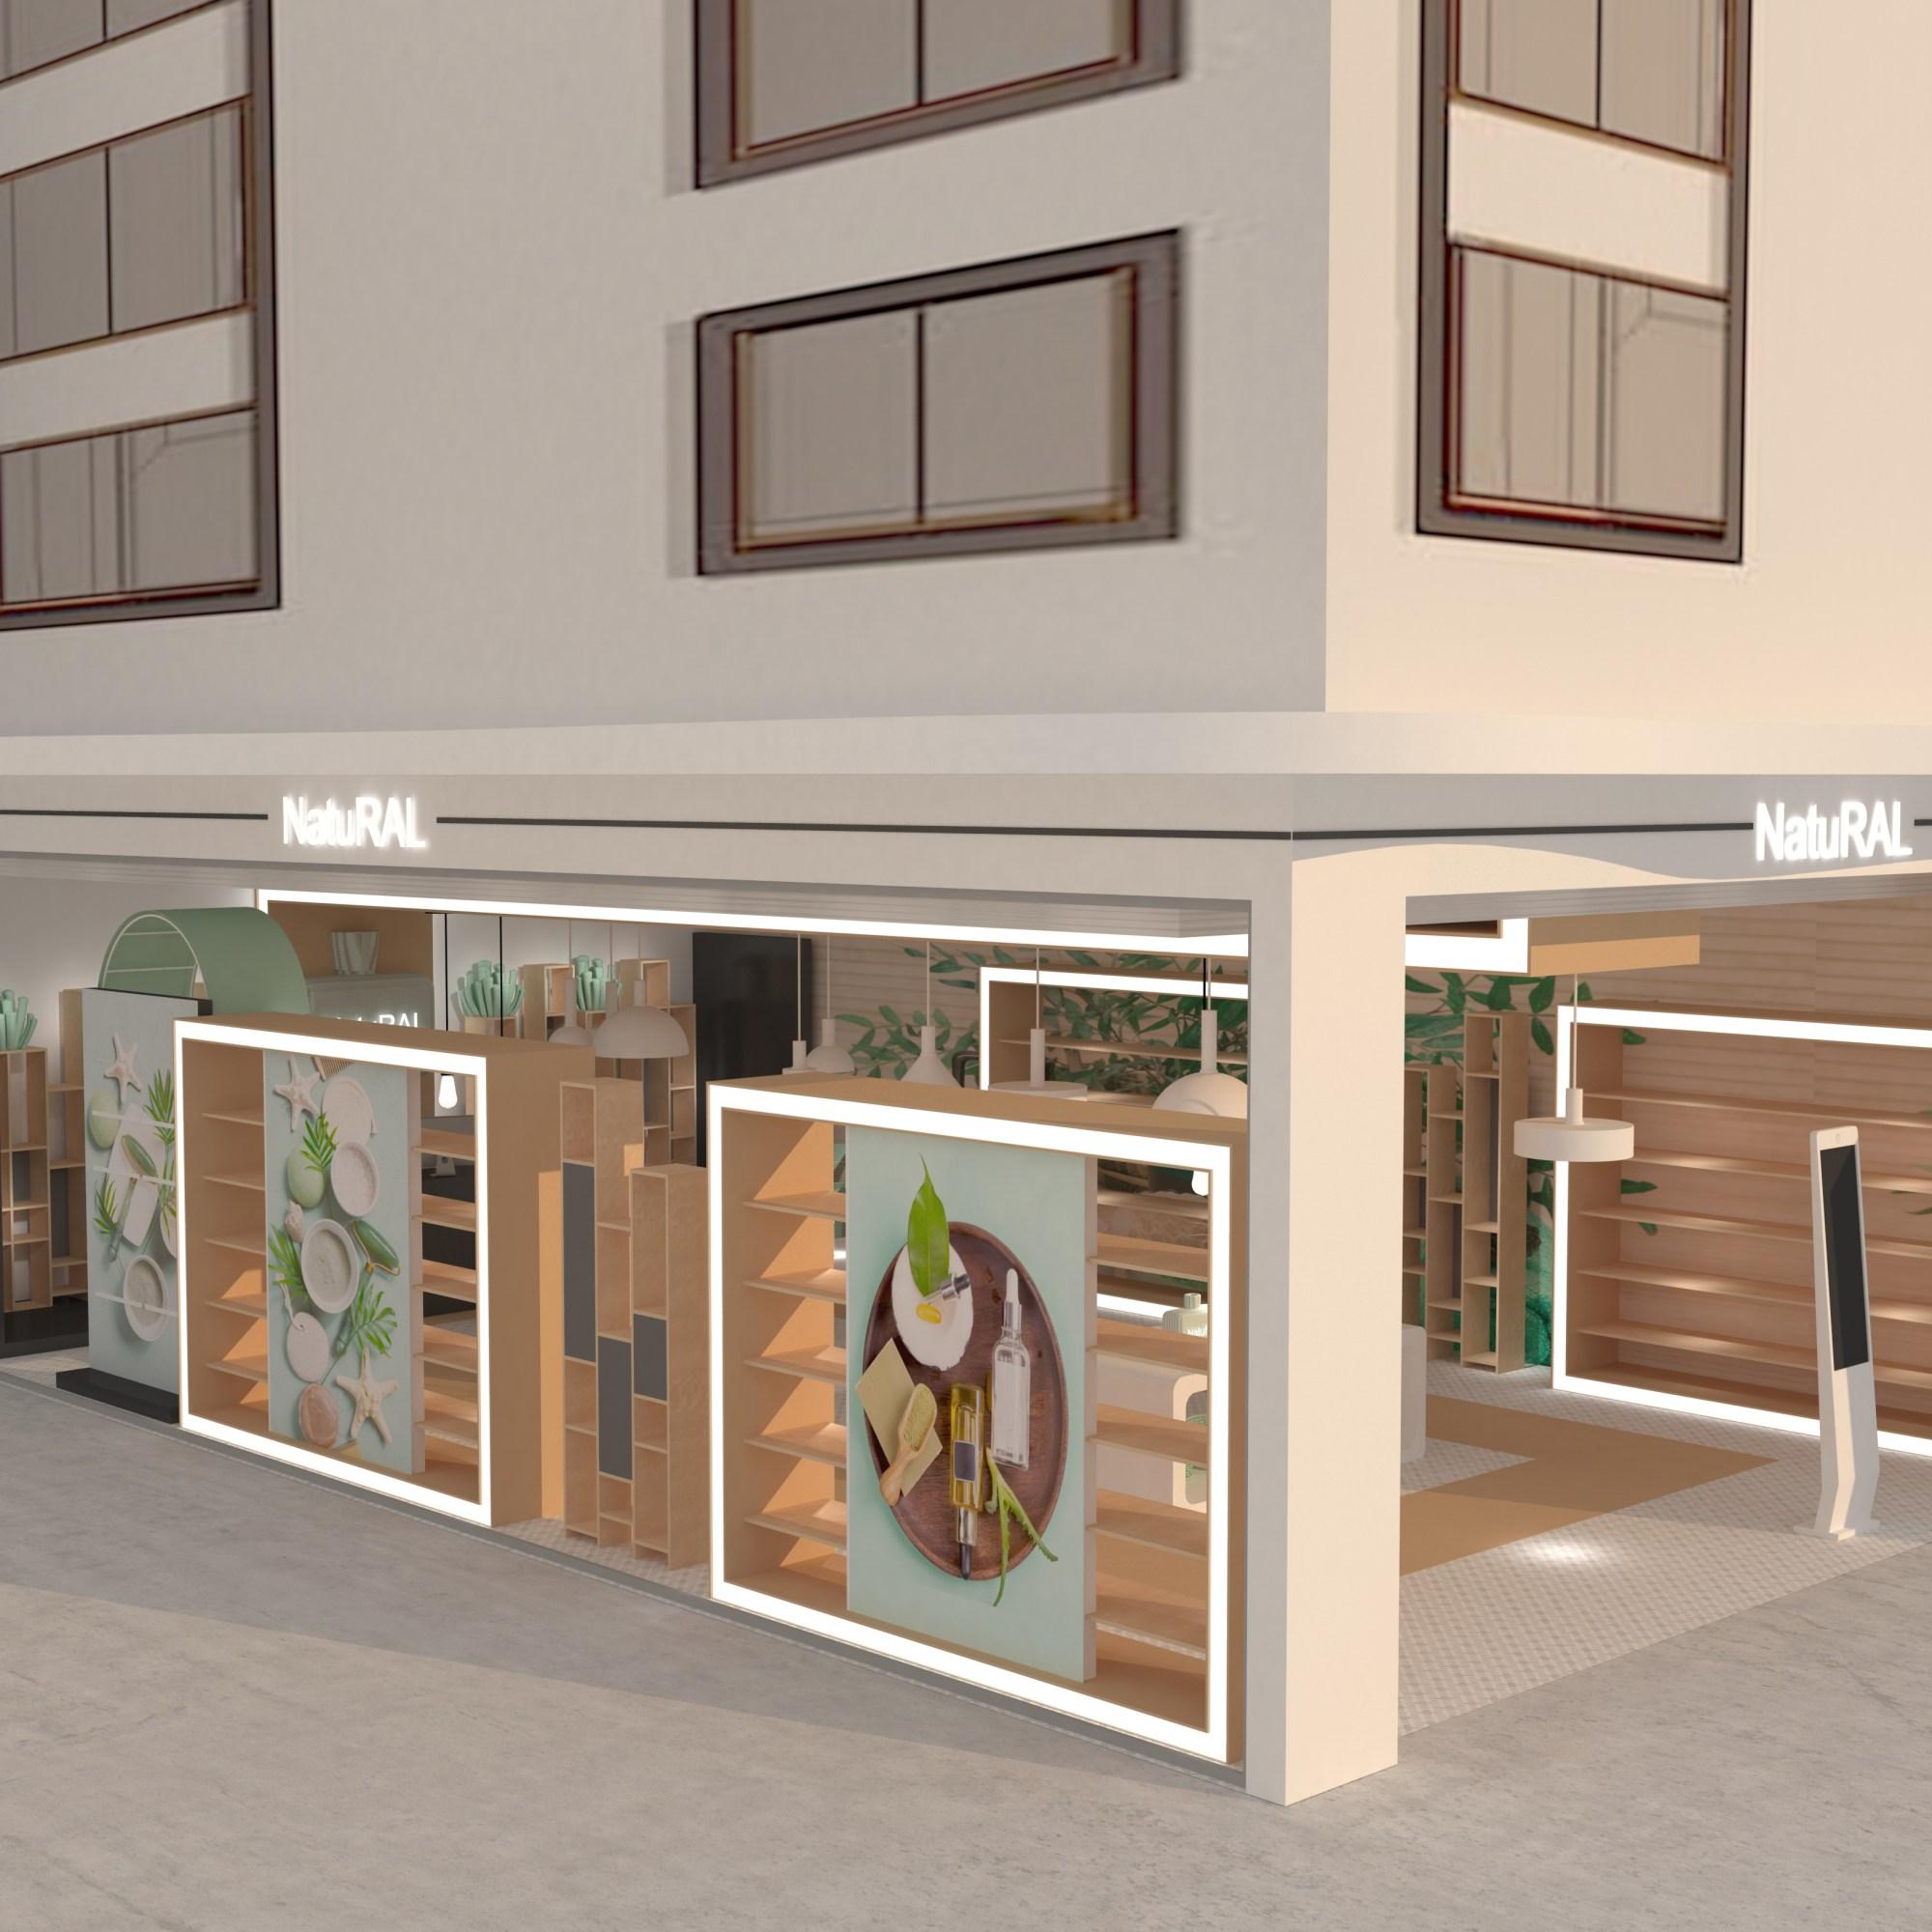 Diseño de tienda - equipamiento y mobiliario - escaparatismo y merchandising